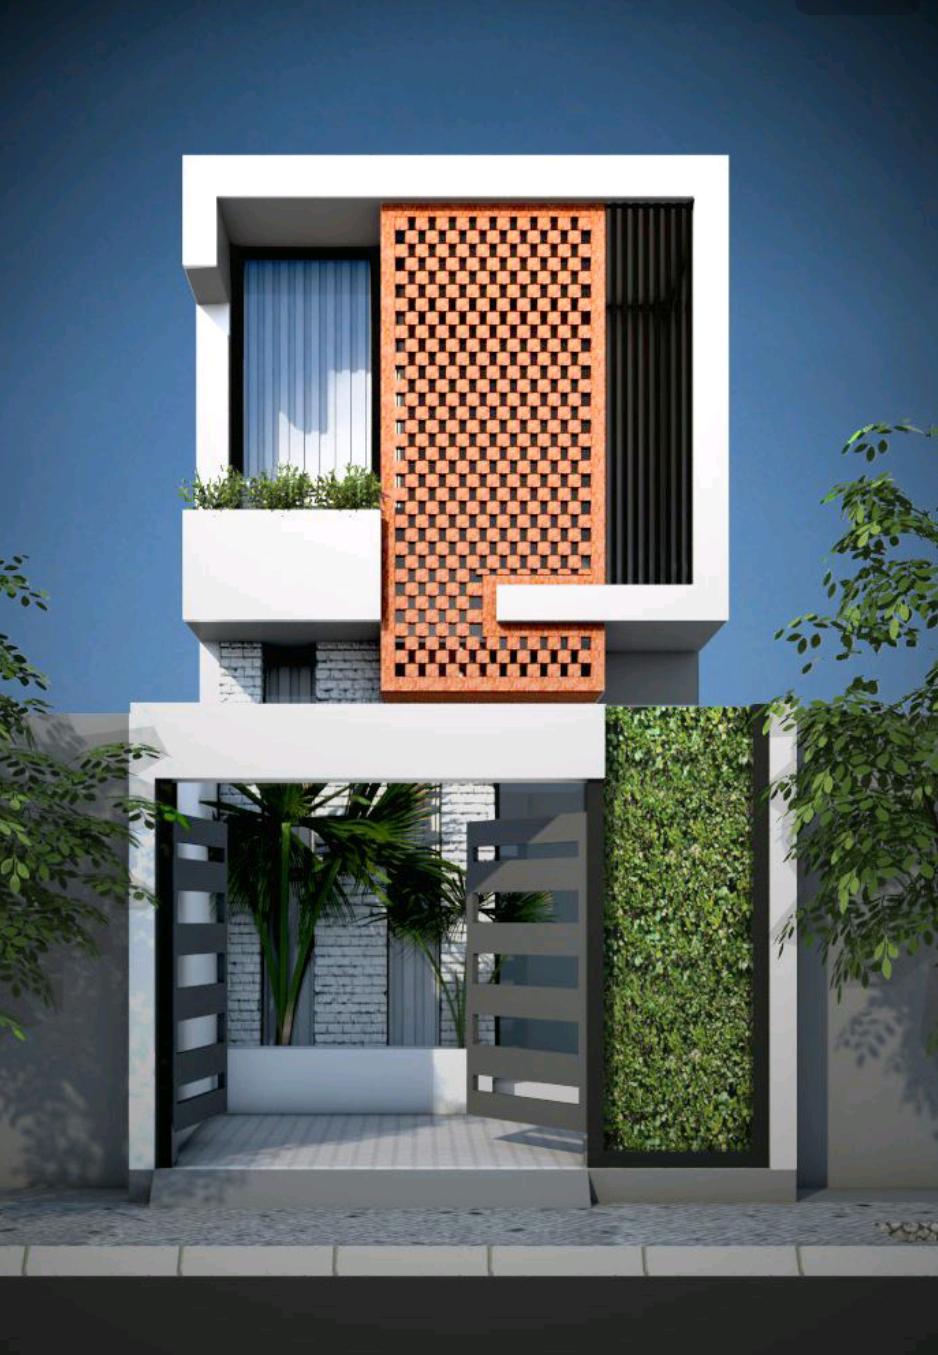 Pin de vera chlimper en edificios modernos pinterest for Fachadas edificios modernos